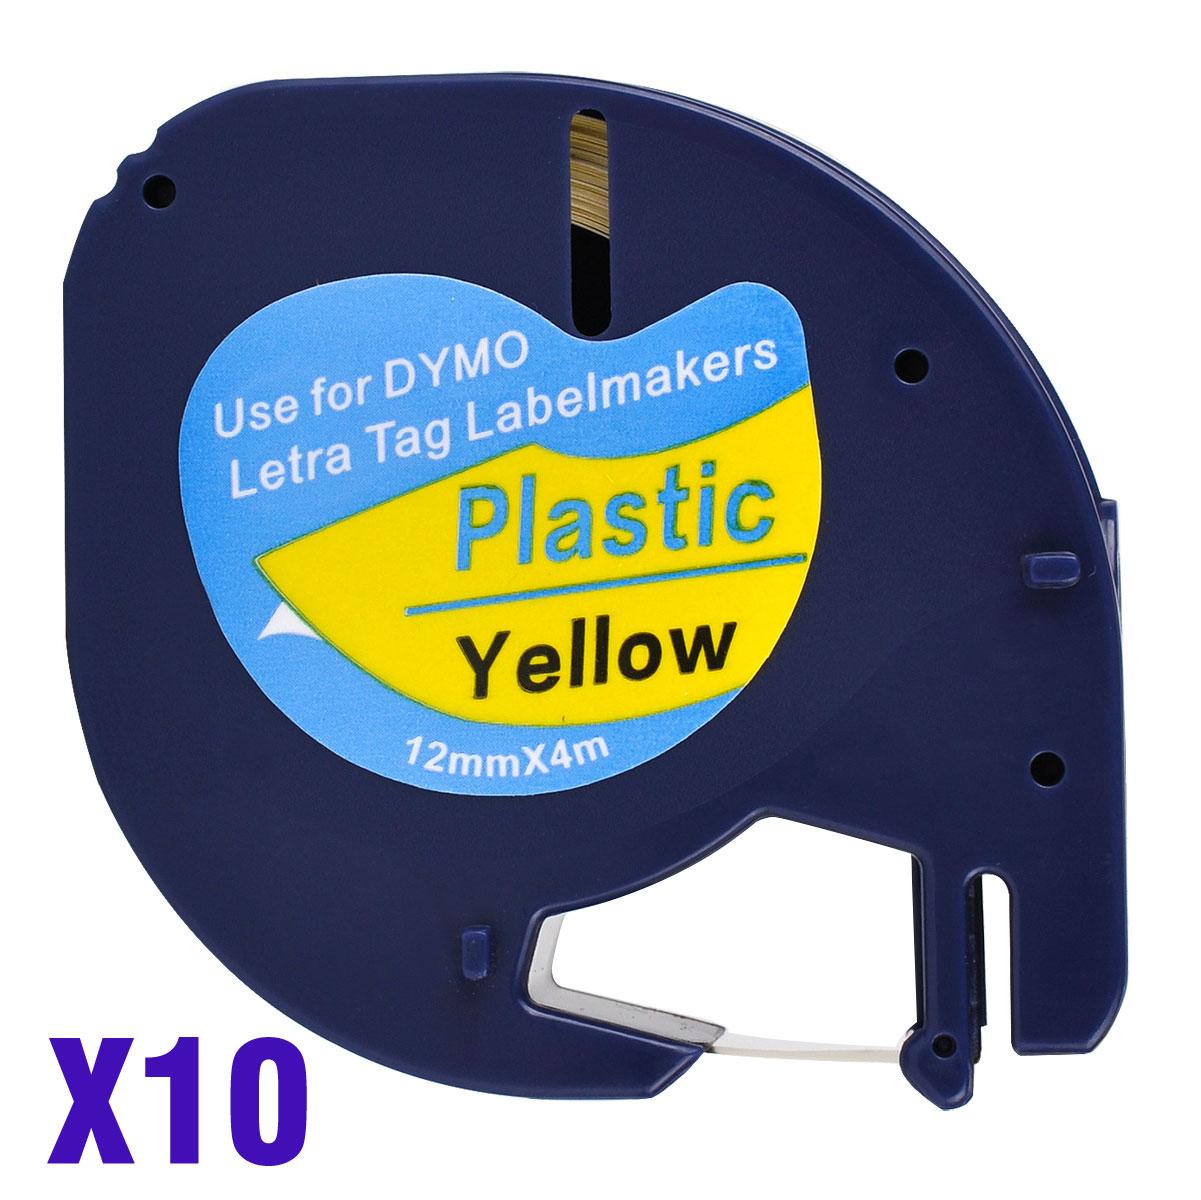 10 متوافق Dymo LetraTag 91202 أسود على أصفر 12 مللي متر x 4 متر البلاستيك تسمية الأشرطة ل LT-100H ، LT-100T ، LT-110T ، QX 50 ، XR ، XM ،